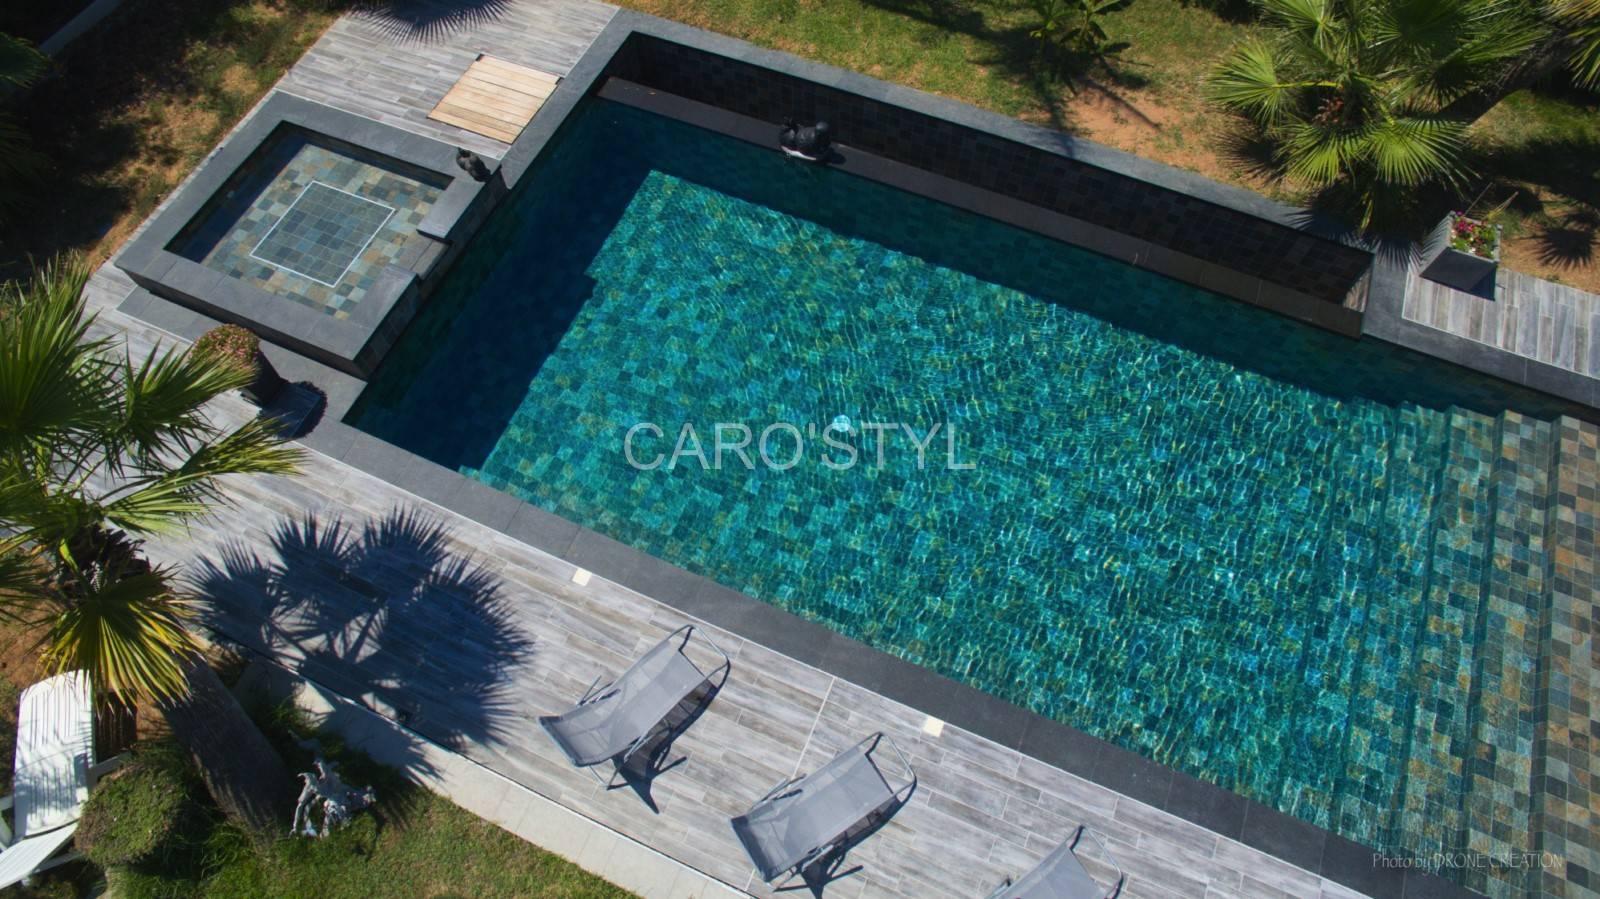 Carrelage green bali 15x15 pour une piscine aux nuances de verts vente de carrelage et - Carrelage piscine moderne ...